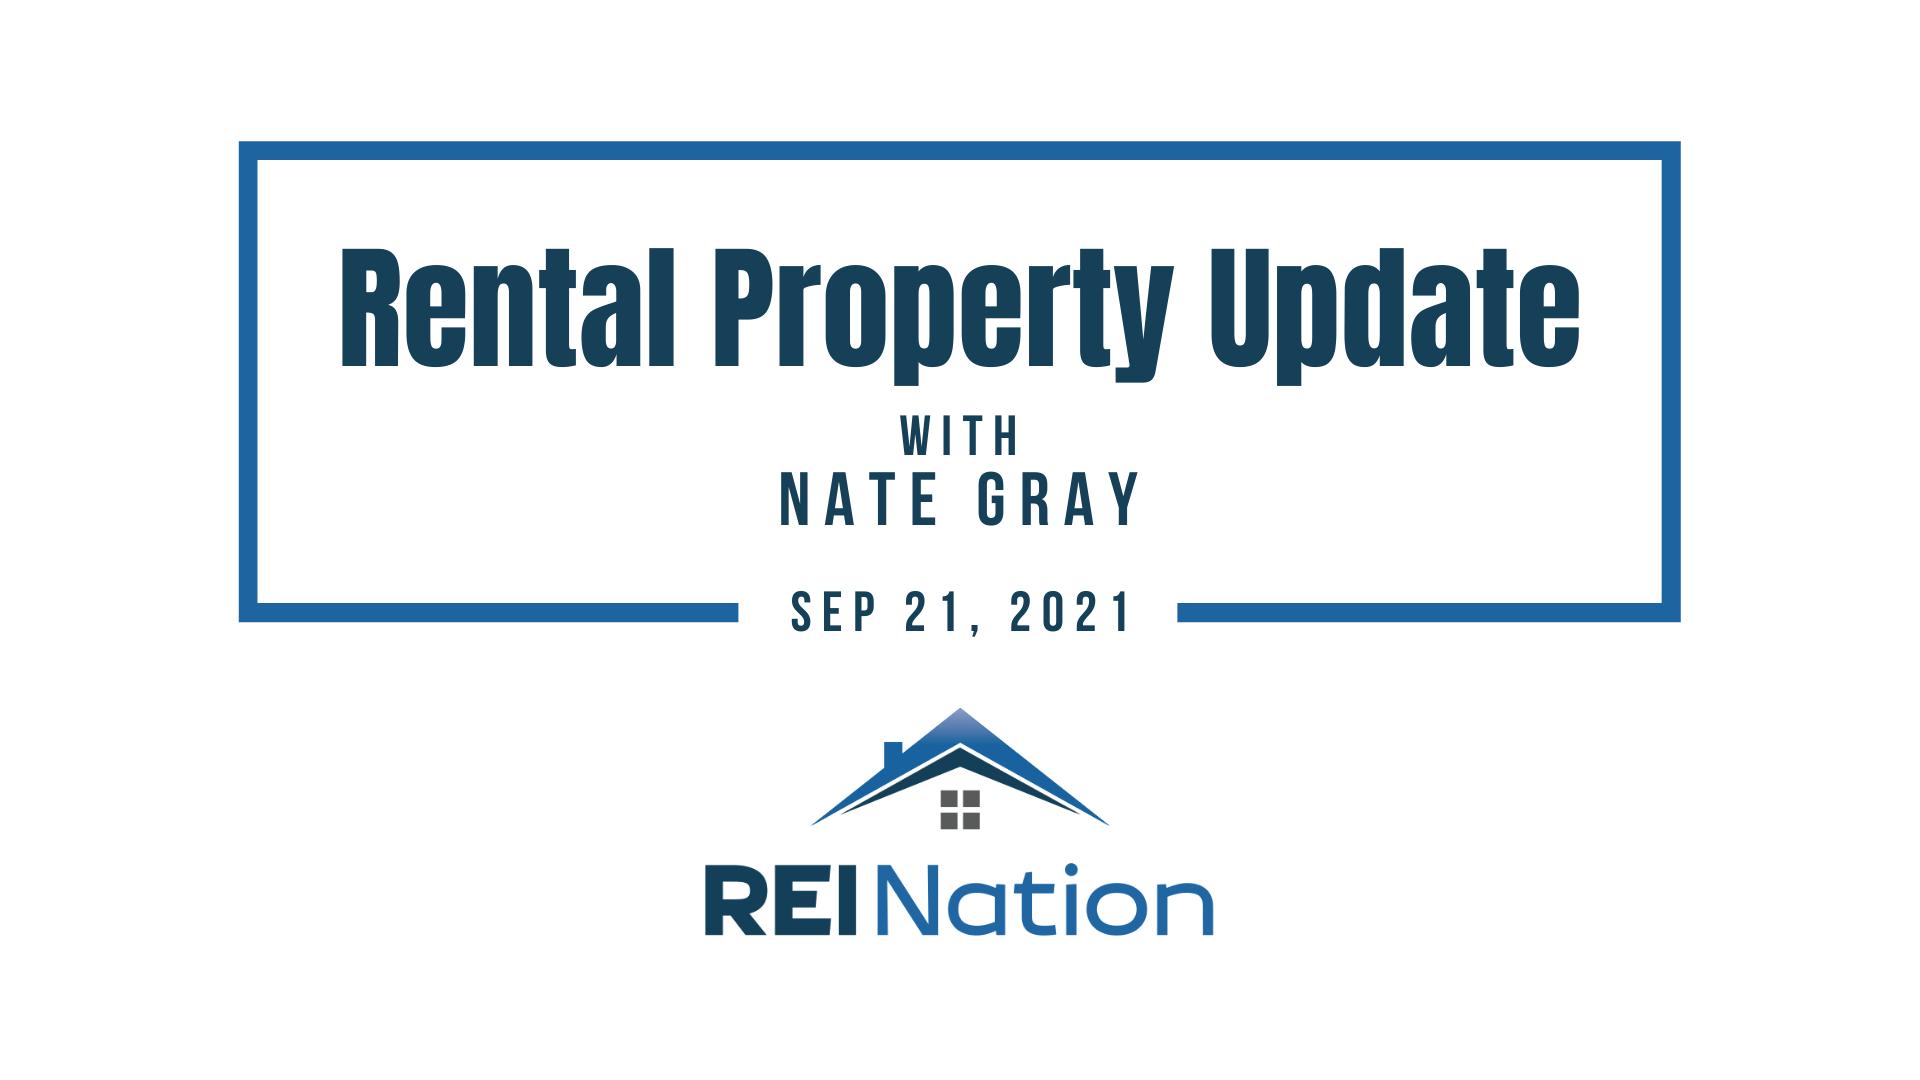 Rental Update SEP 21 21